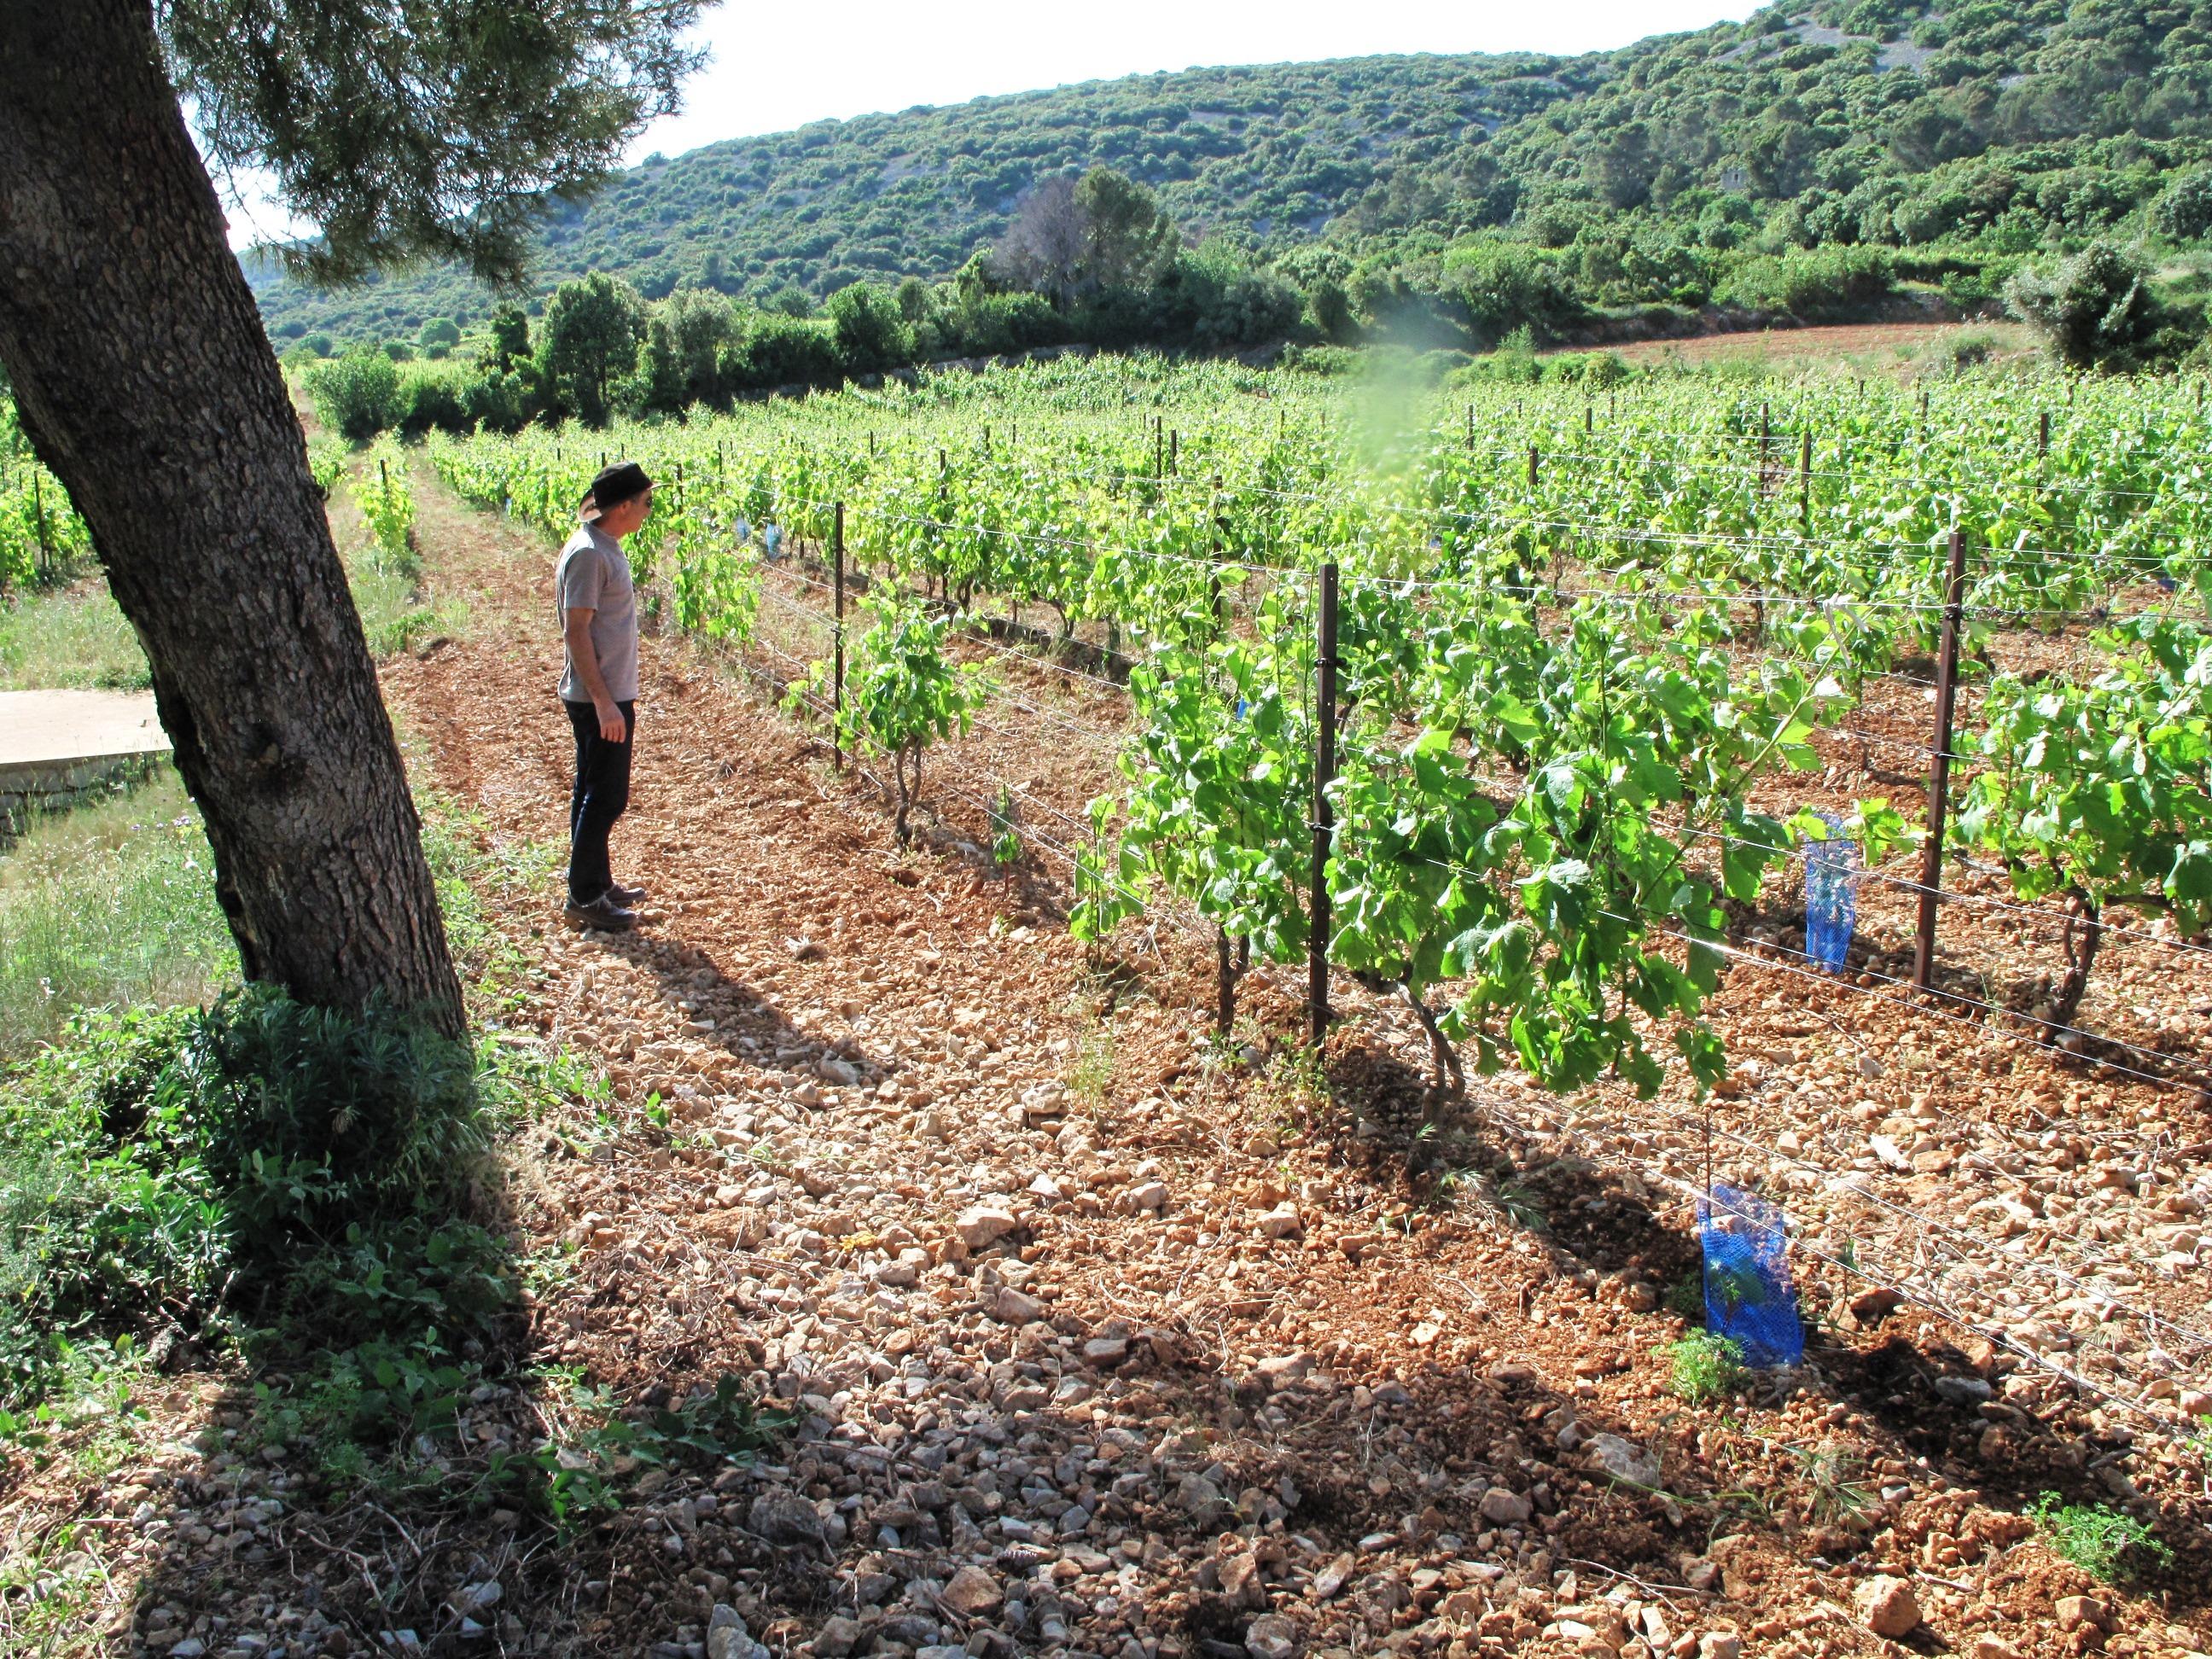 Chateau de Mons Bordeaux Vieilles vignes, elevage barriques